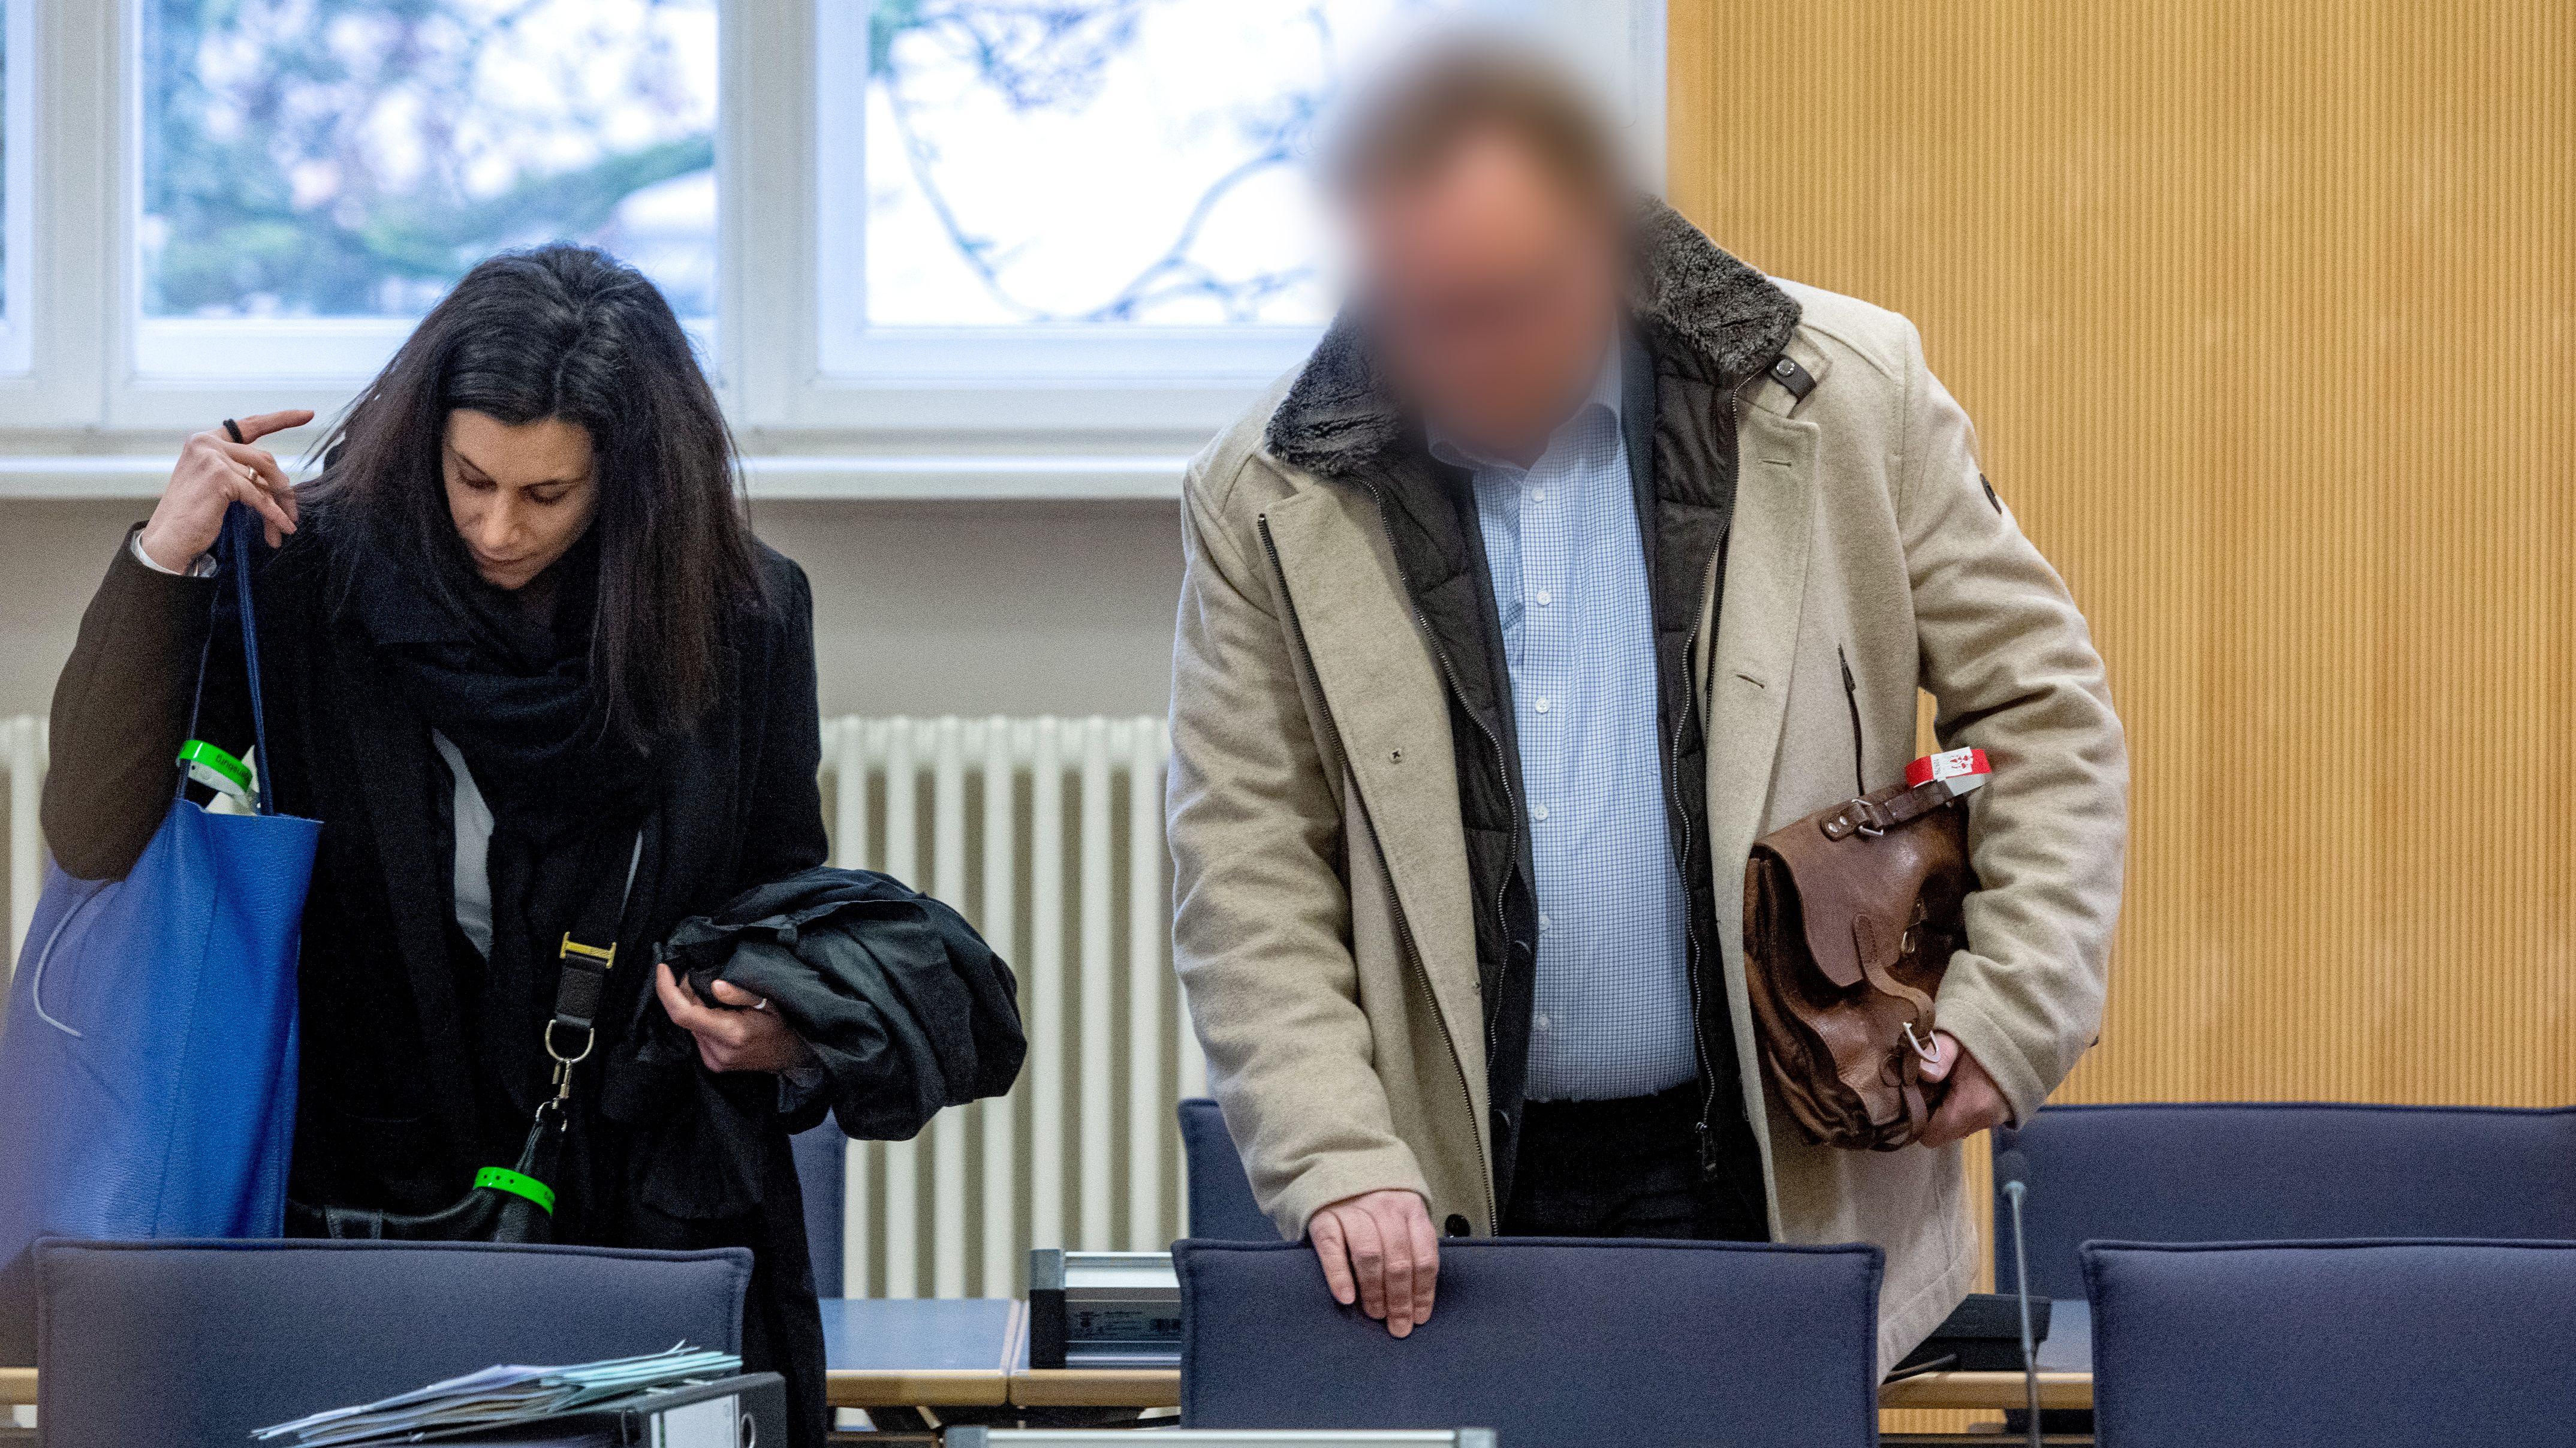 Der Angeklagte steht im Verhandlungssaal des Landgerichts neben seiner Verteidigerin Daniela Gabler.